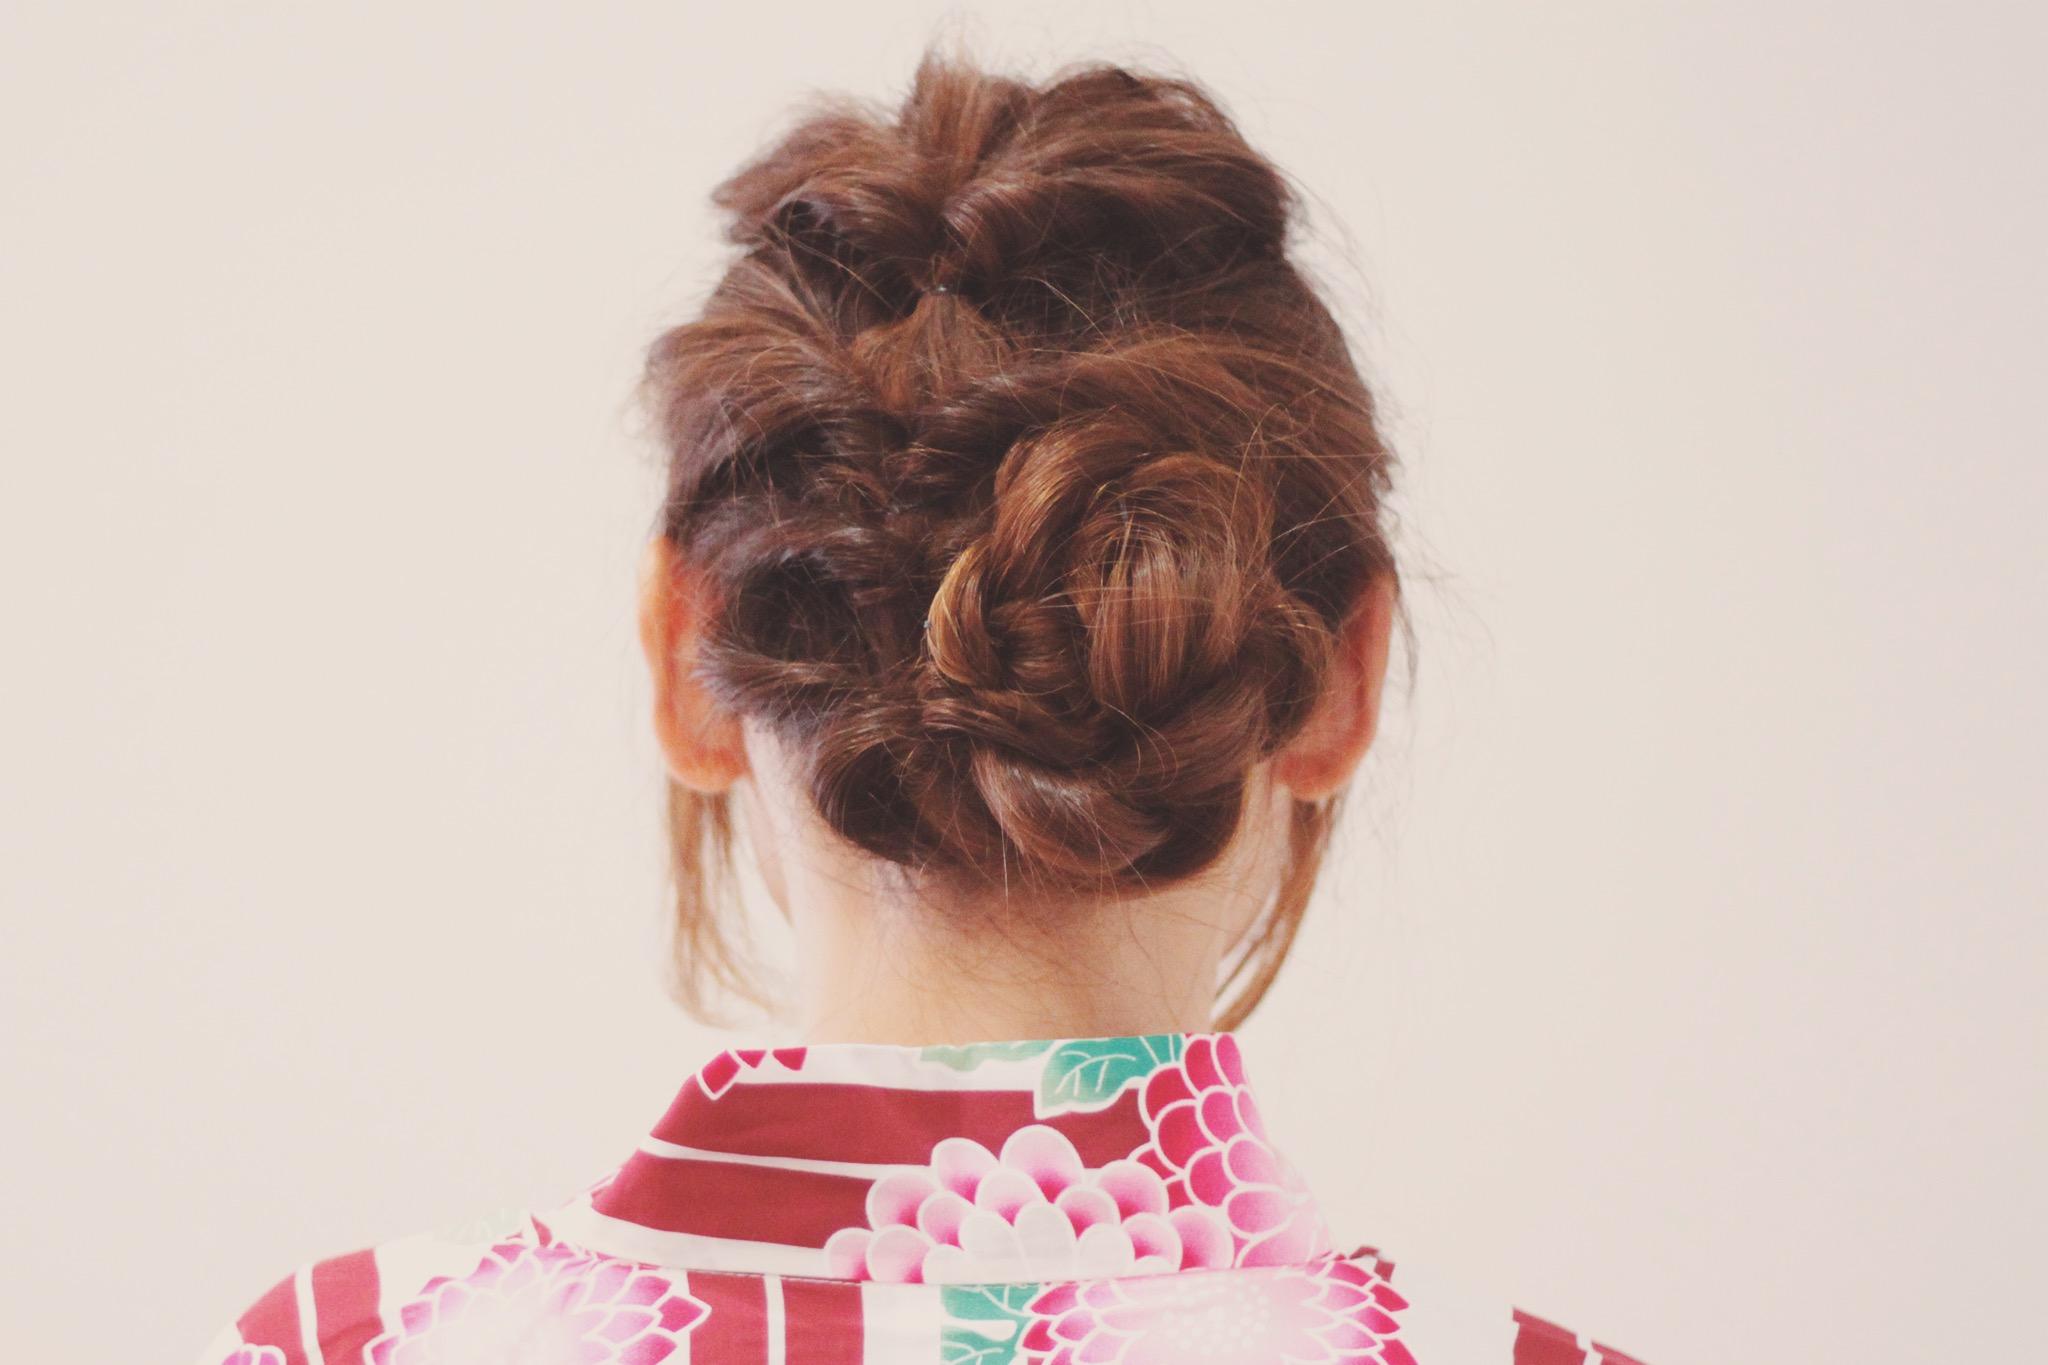 七五三のママ髪型 ボブでも簡単にできる!画像付き上品アレンジ方法